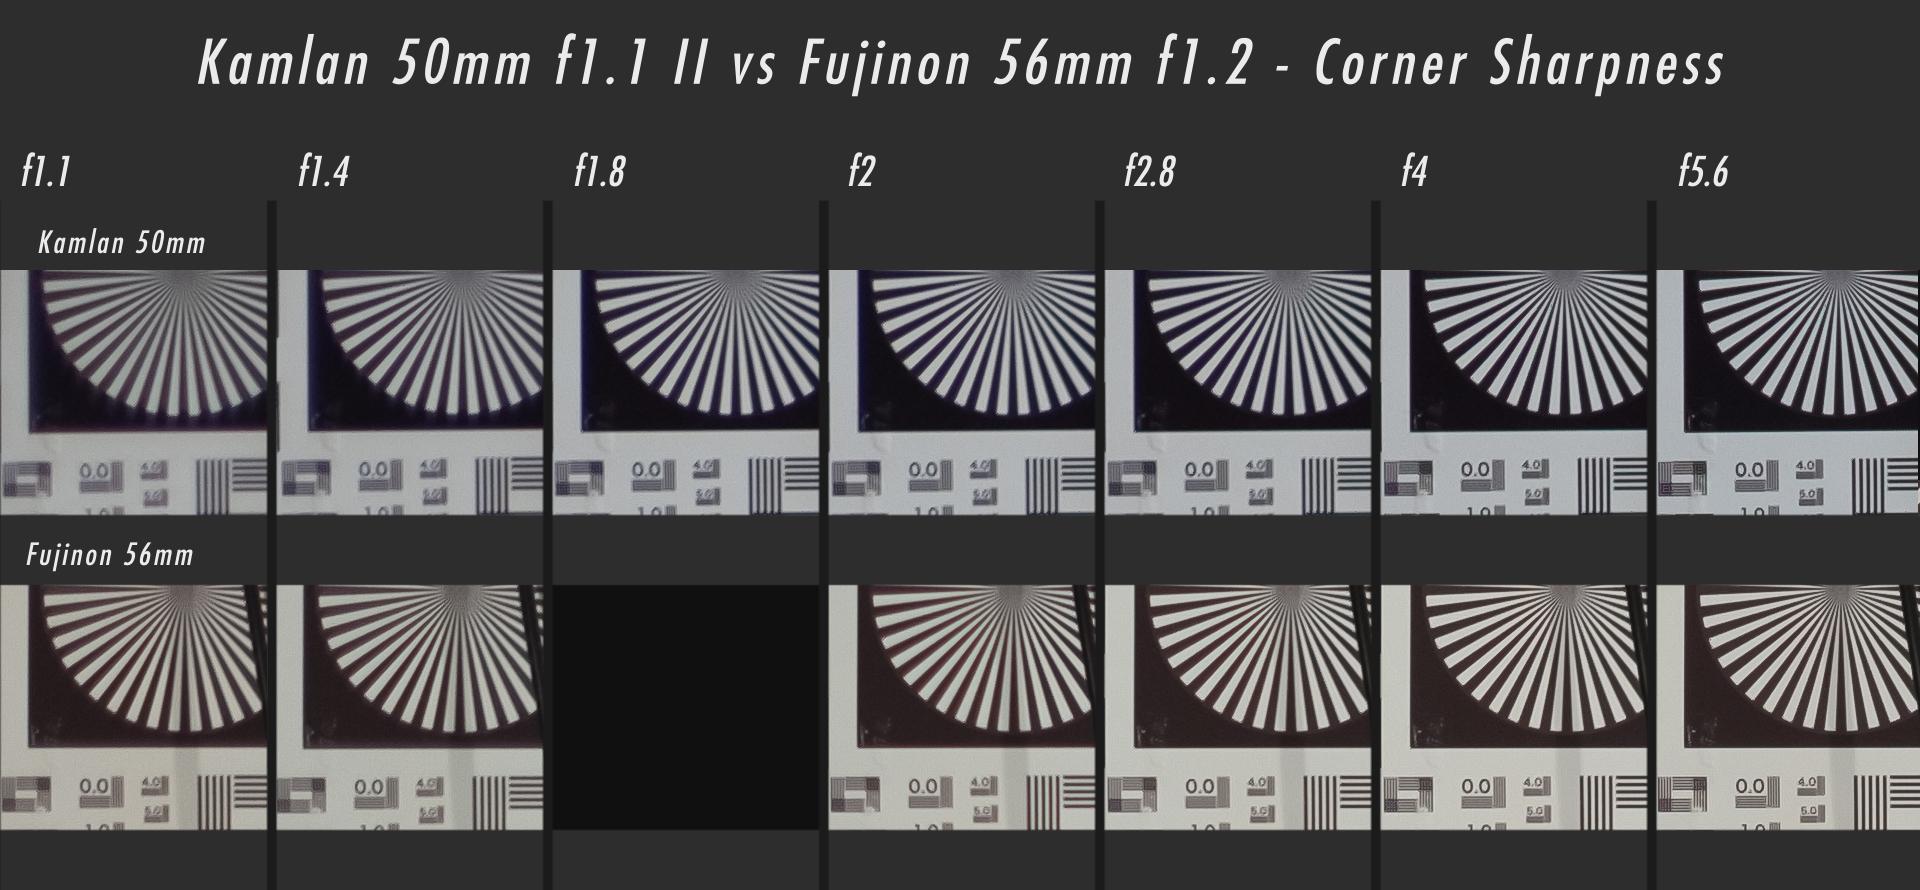 Kamlan 50mm f1.1 II vs Fujifilm 56mm f1.2 Corner Sharpness